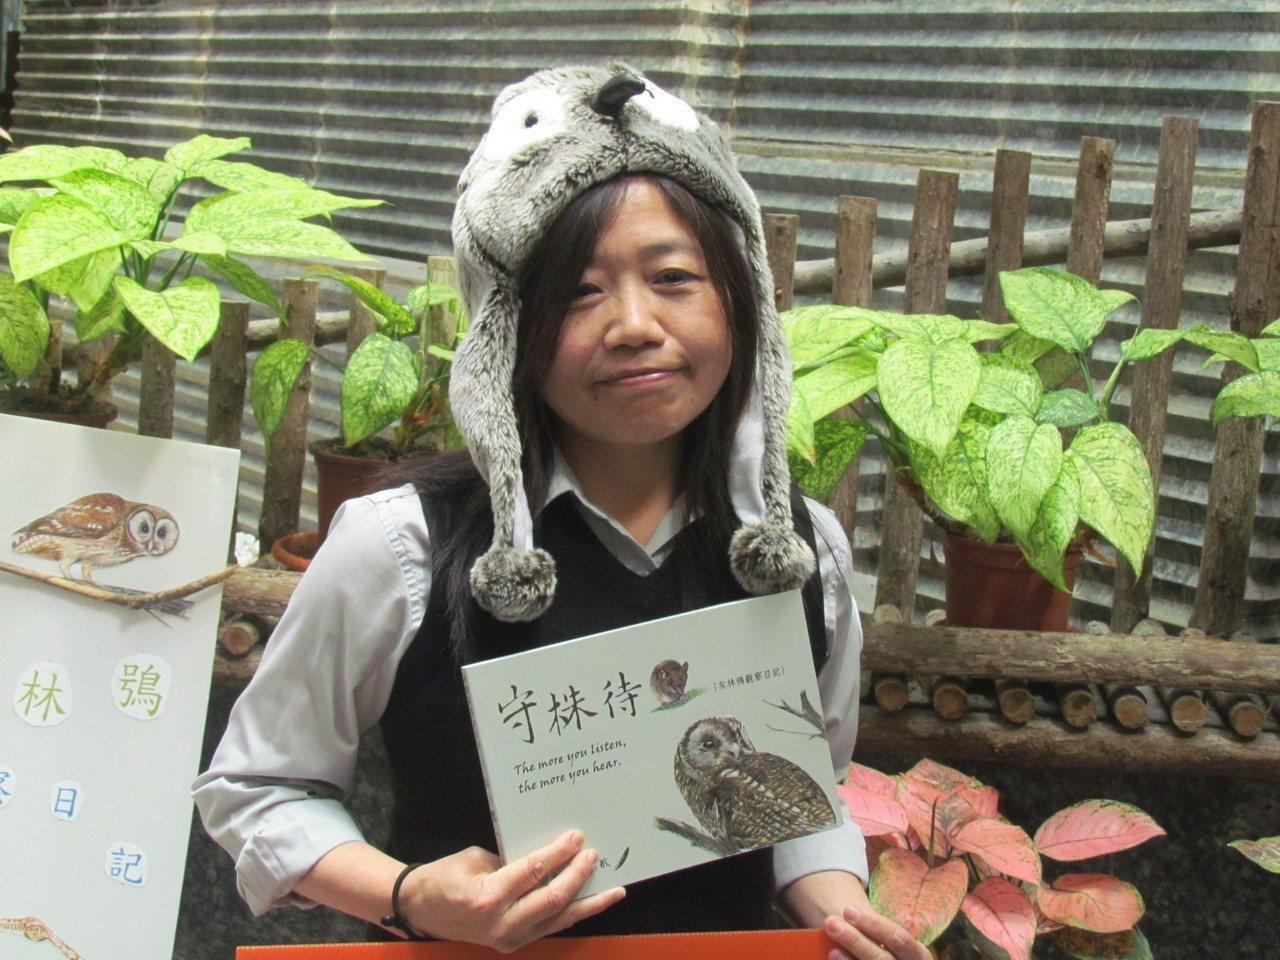 印莉敏觀察記錄灰林鴞的生活習性,推出觀察日記「守株待鼠」。記者張家樂/攝影